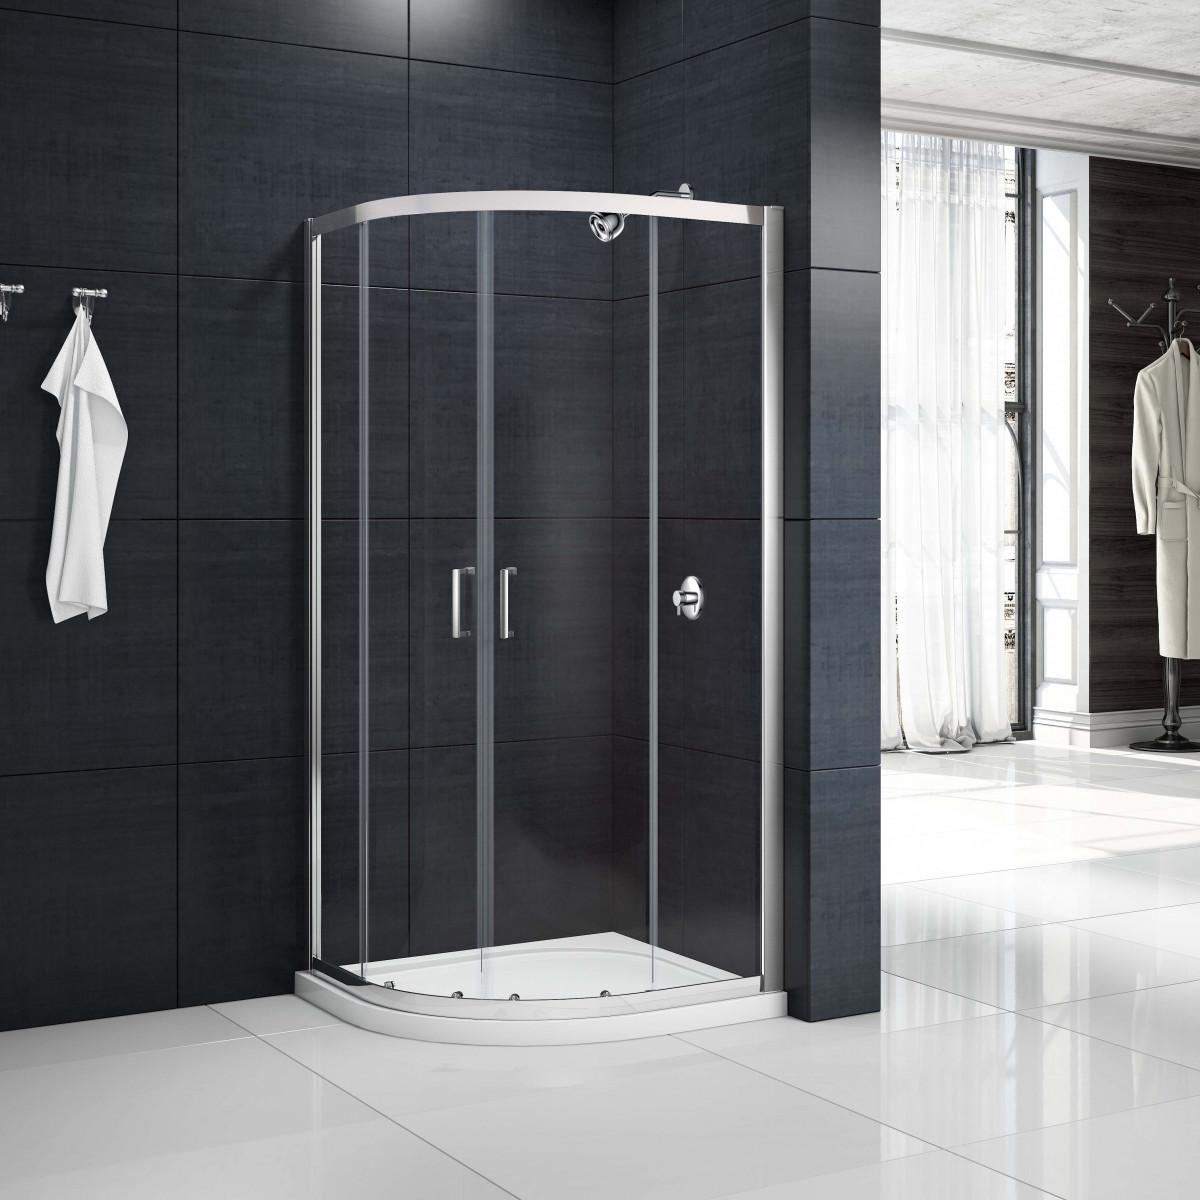 Merlyn Mbox 2 Door Quadrant Shower Enclosure 900 X 900mm | MB2Q900